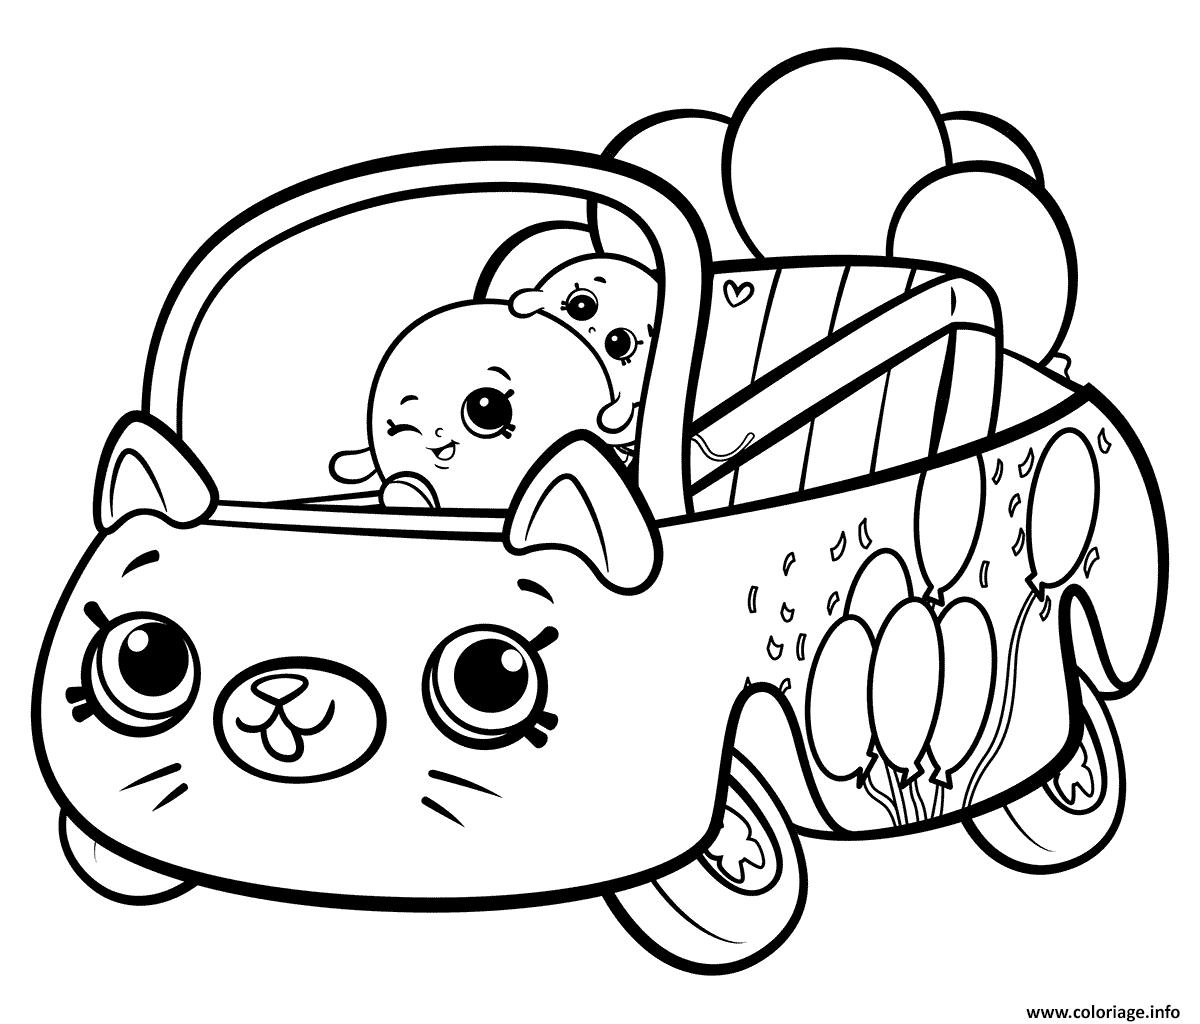 Coloriage Shopkins Cutie Cars Bumper Balloons Jecolorie Com